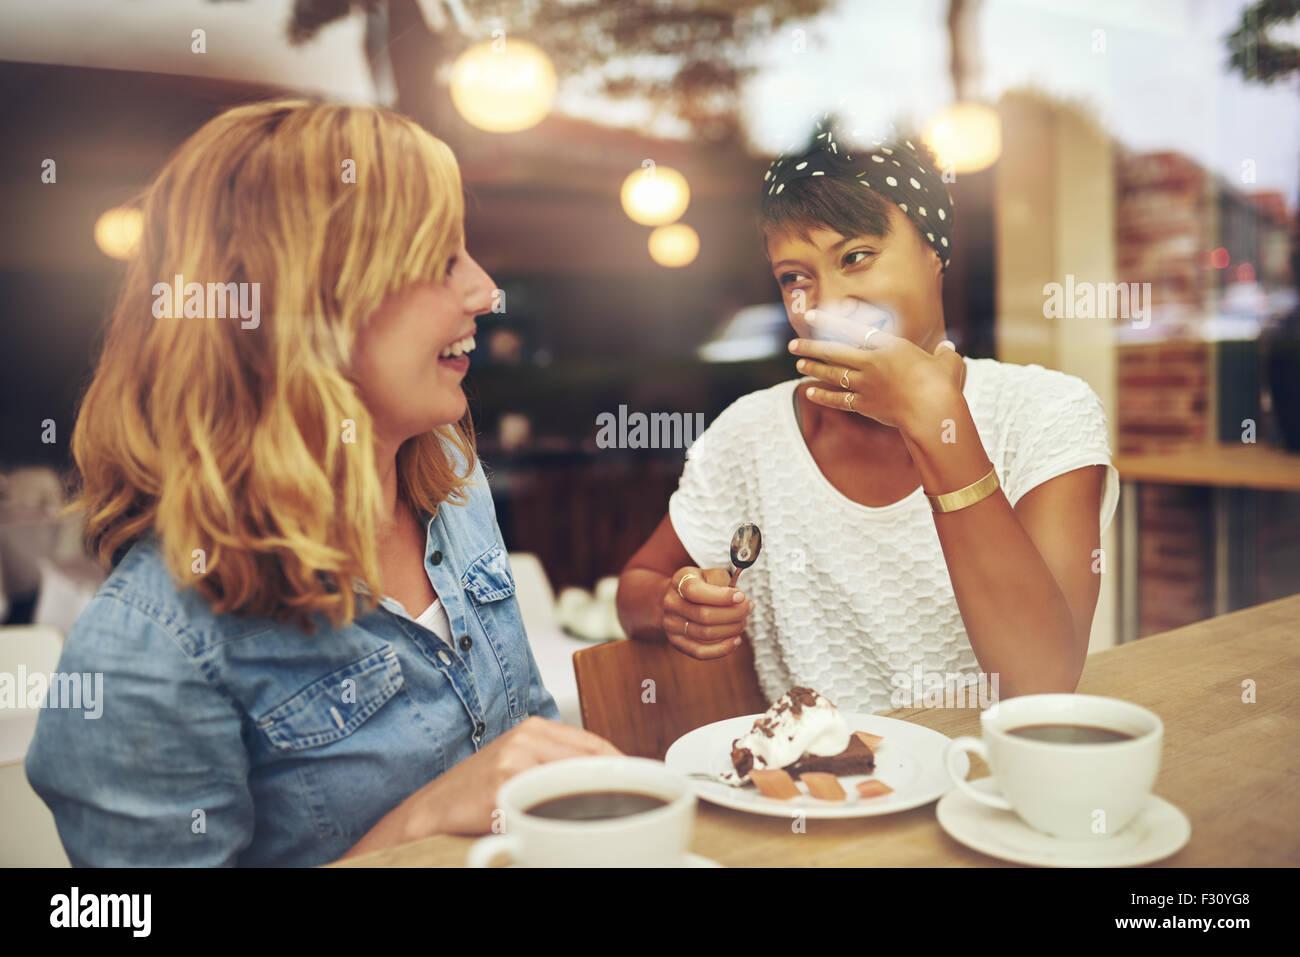 Deux bonnes amies, savourer une tasse de café ensemble dans un café avec un rire que l'autre fait Photo Stock